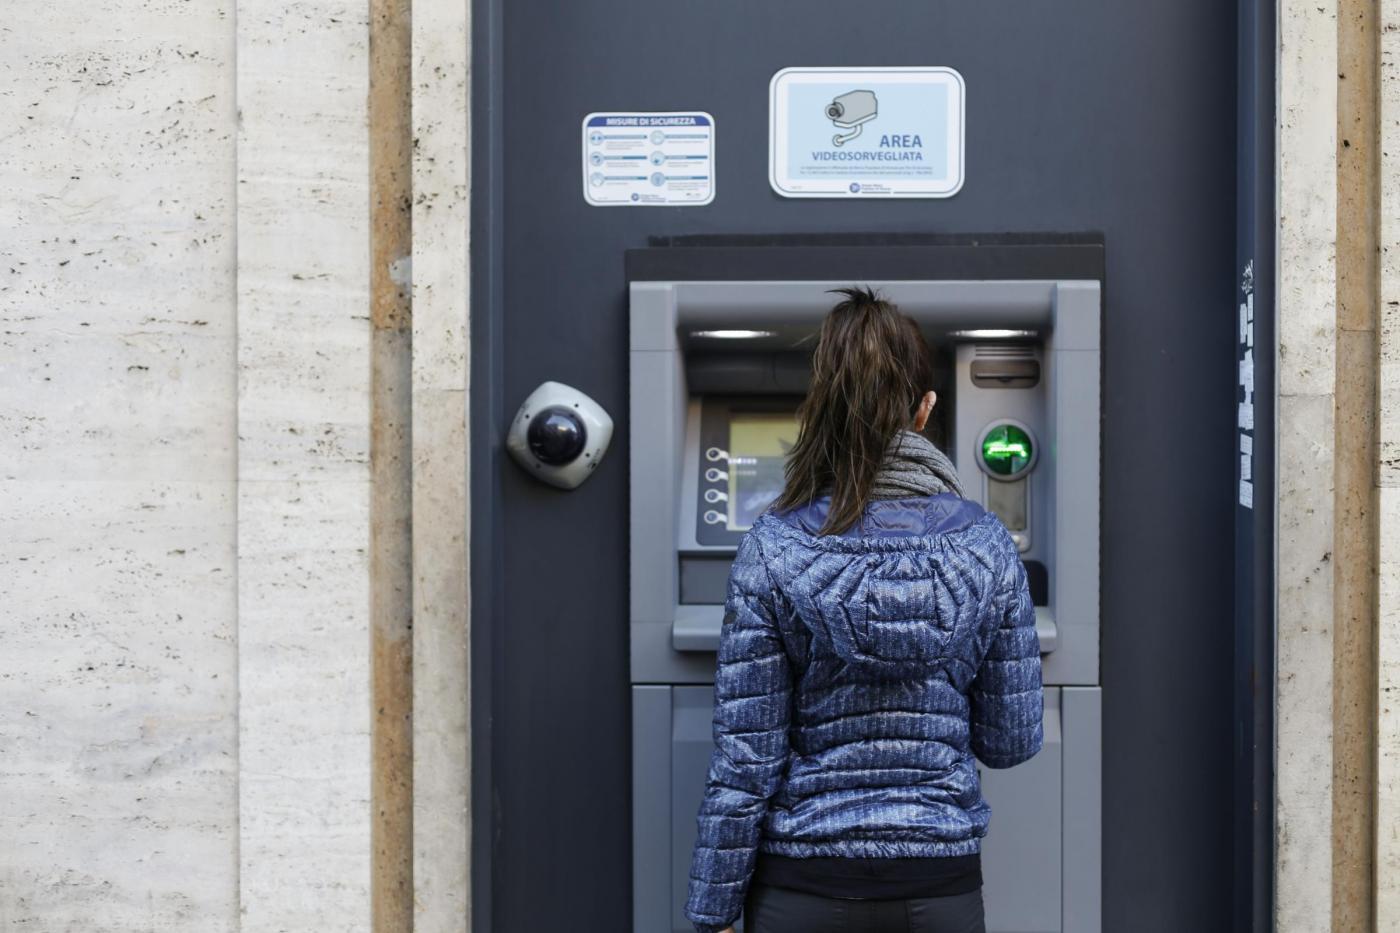 Salvataggio banche: contro la crisi coinvolti anche soci e correntisti